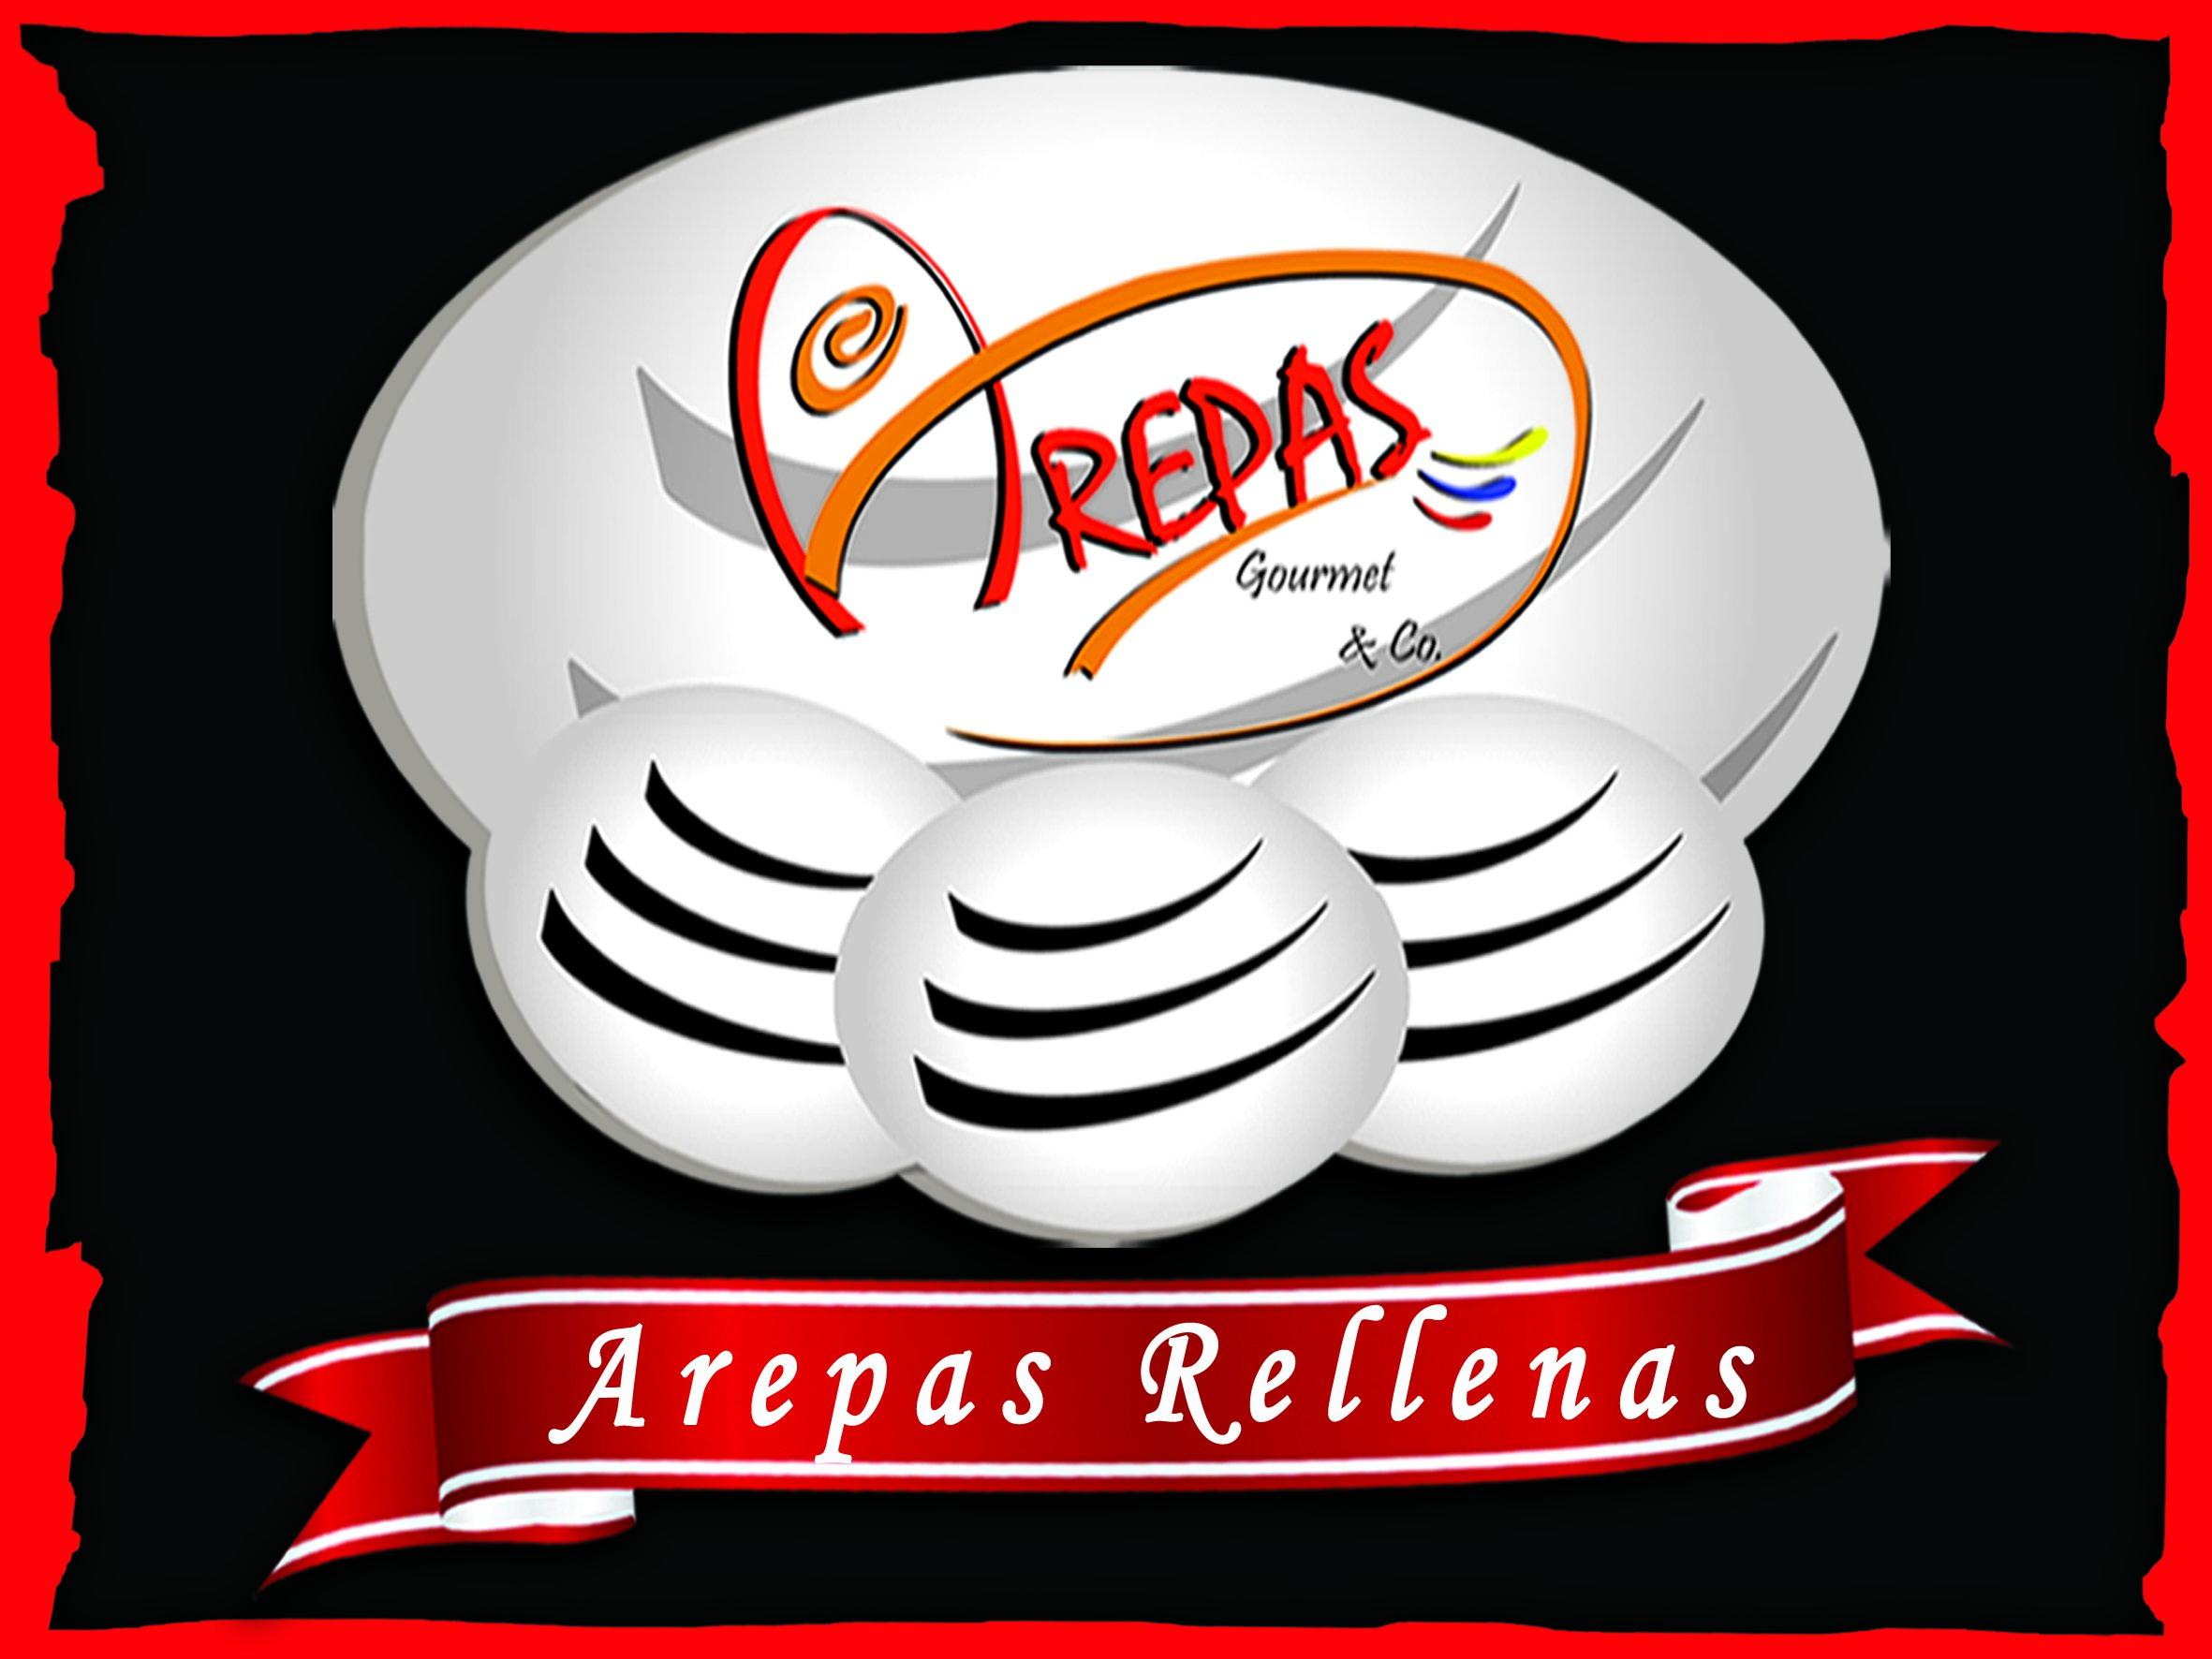 Arepas Gourmet & Co Galerias